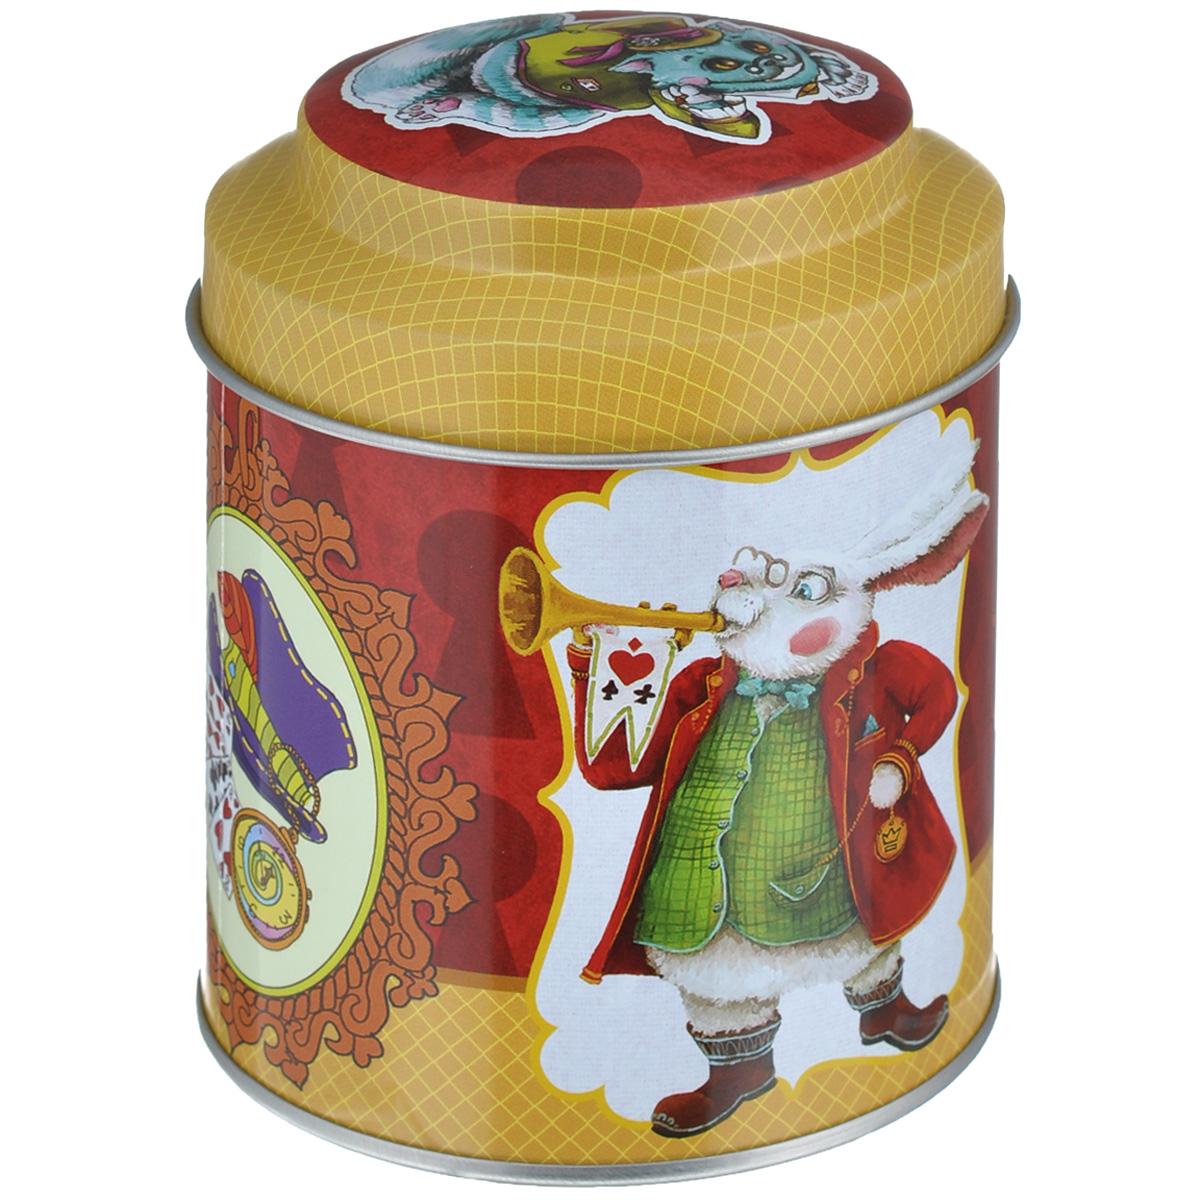 Банка для сыпучих продуктов Феникс-презент Кролик, 680 мл37651Банка для сыпучих продуктов Феникс-презент Кролик, изготовленная из окрашенного черного металла, оформлена ярким рисунком. Банка прекрасно подойдет для хранения различных сыпучих продуктов: специй, чая, кофе, сахара, круп и многого другого. Емкость плотно закрывается крышкой. Благодаря этому она будет дольше сохранять свежесть ваших продуктов.Функциональная и вместительная, такая банка станет незаменимым аксессуаром на любой кухне. Нельзя мыть в посудомоечной машине.Объем банки: 680 мл.Высота банки (без учета крышки): 10 см. Диаметр банки (по верхнему краю): 9 см.